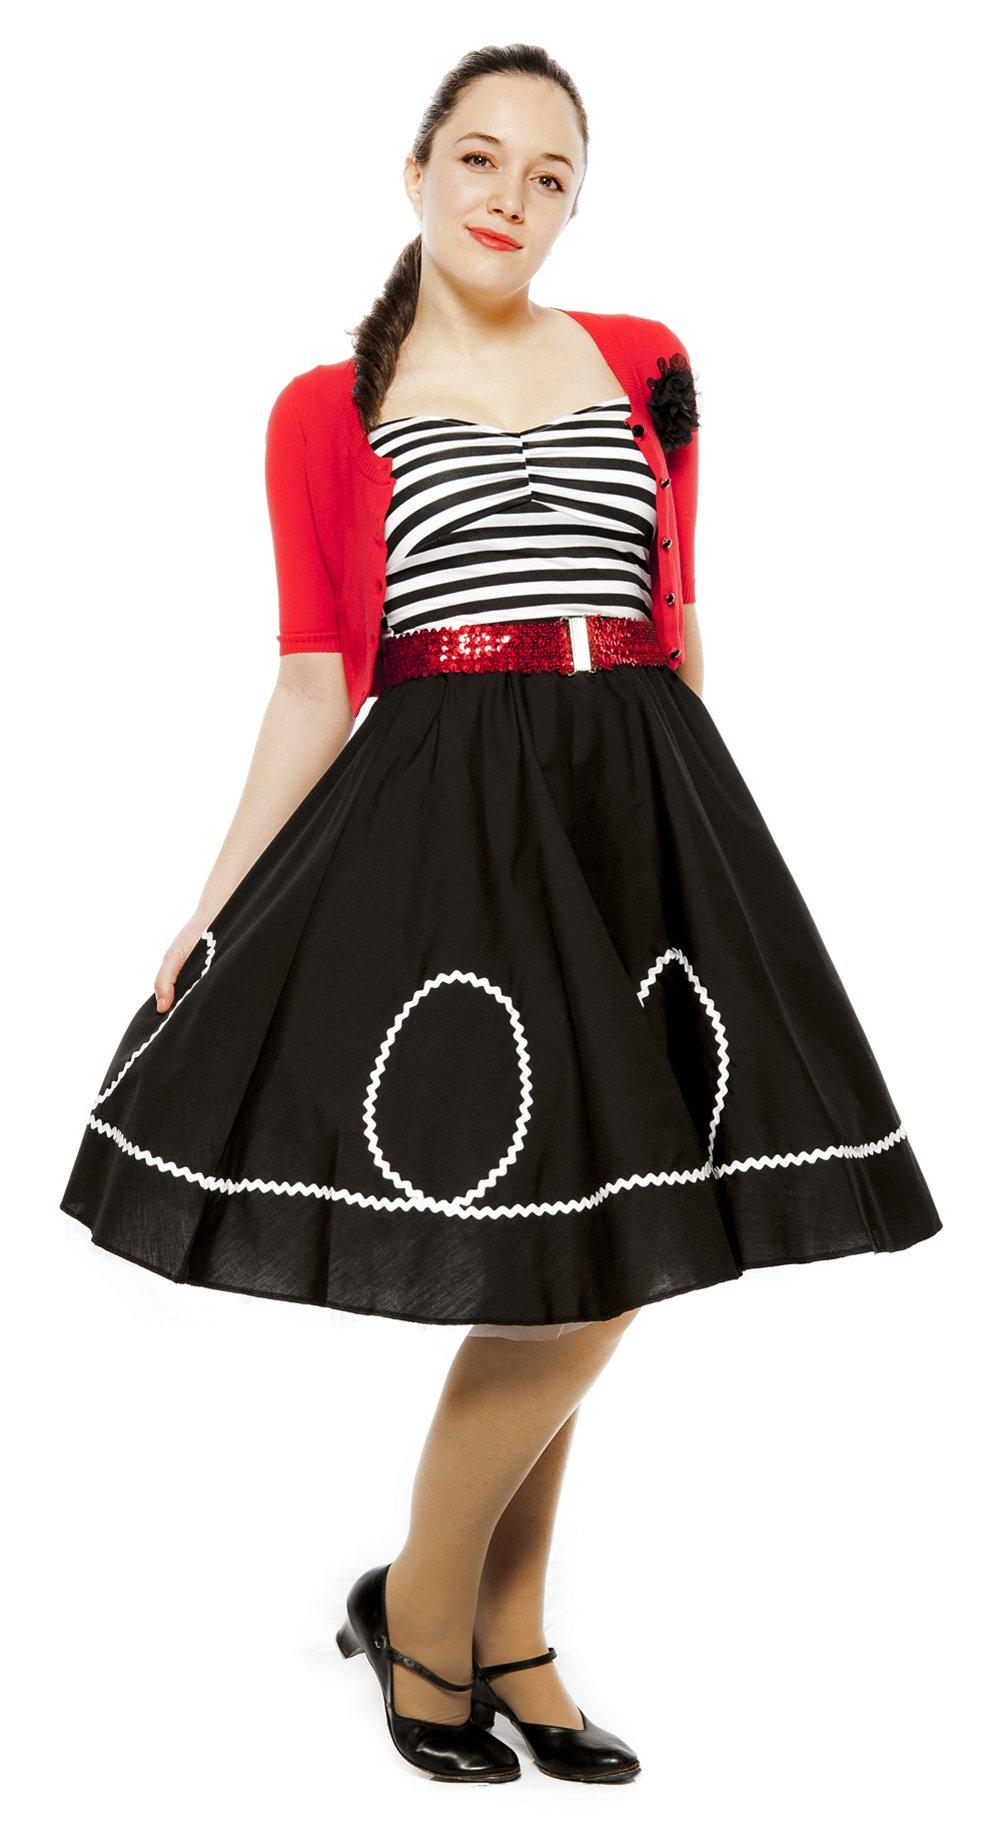 Black & White Ric Rac Circle Skirt - 50s Style (large / xlarge)